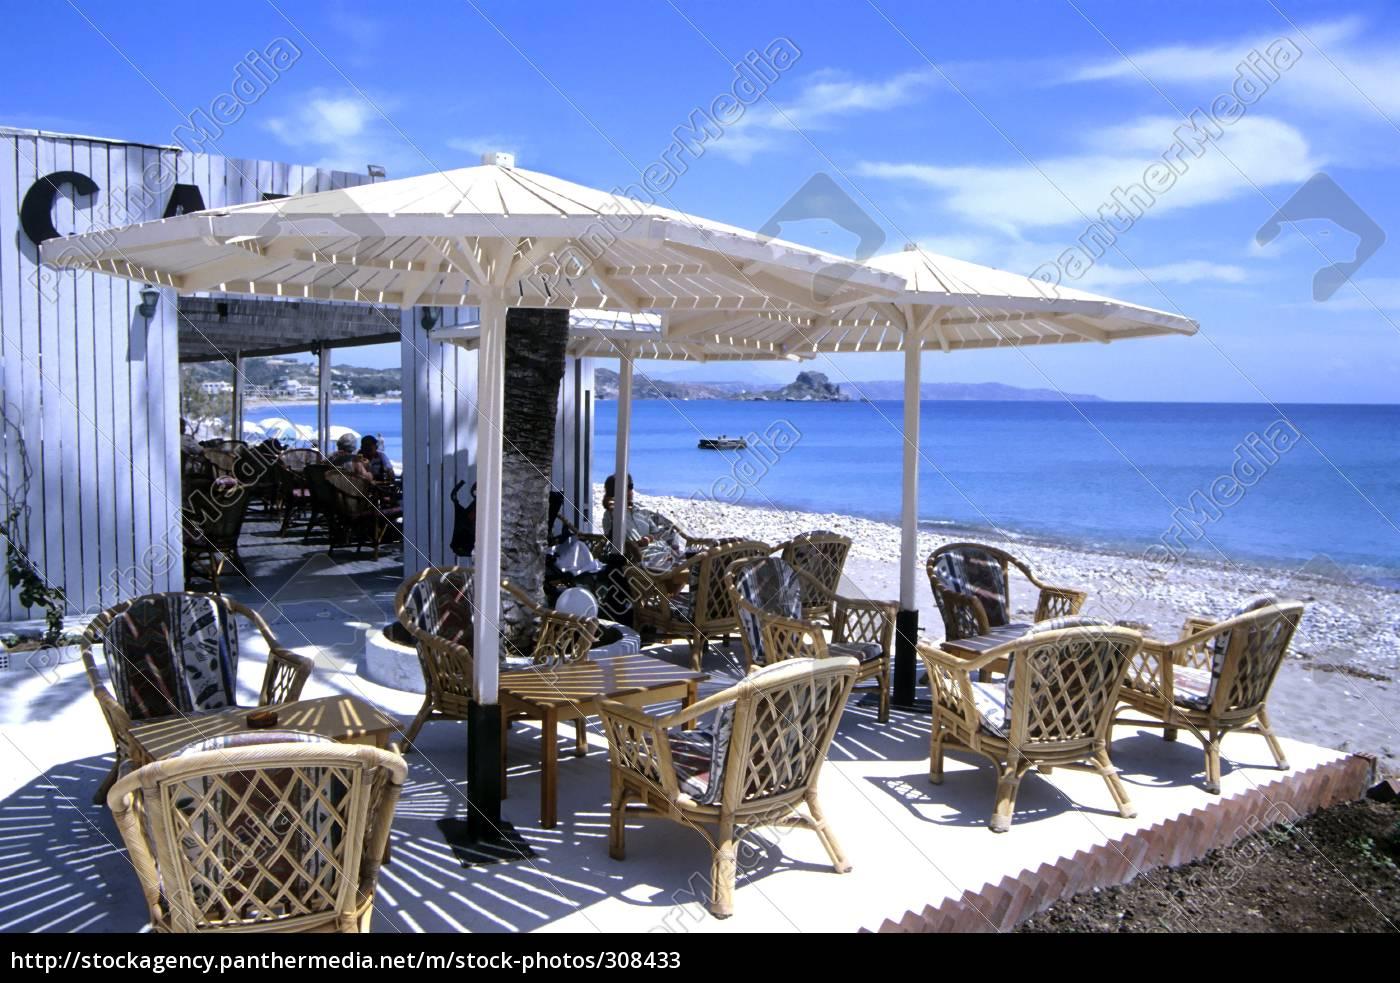 beach, cafe - 308433